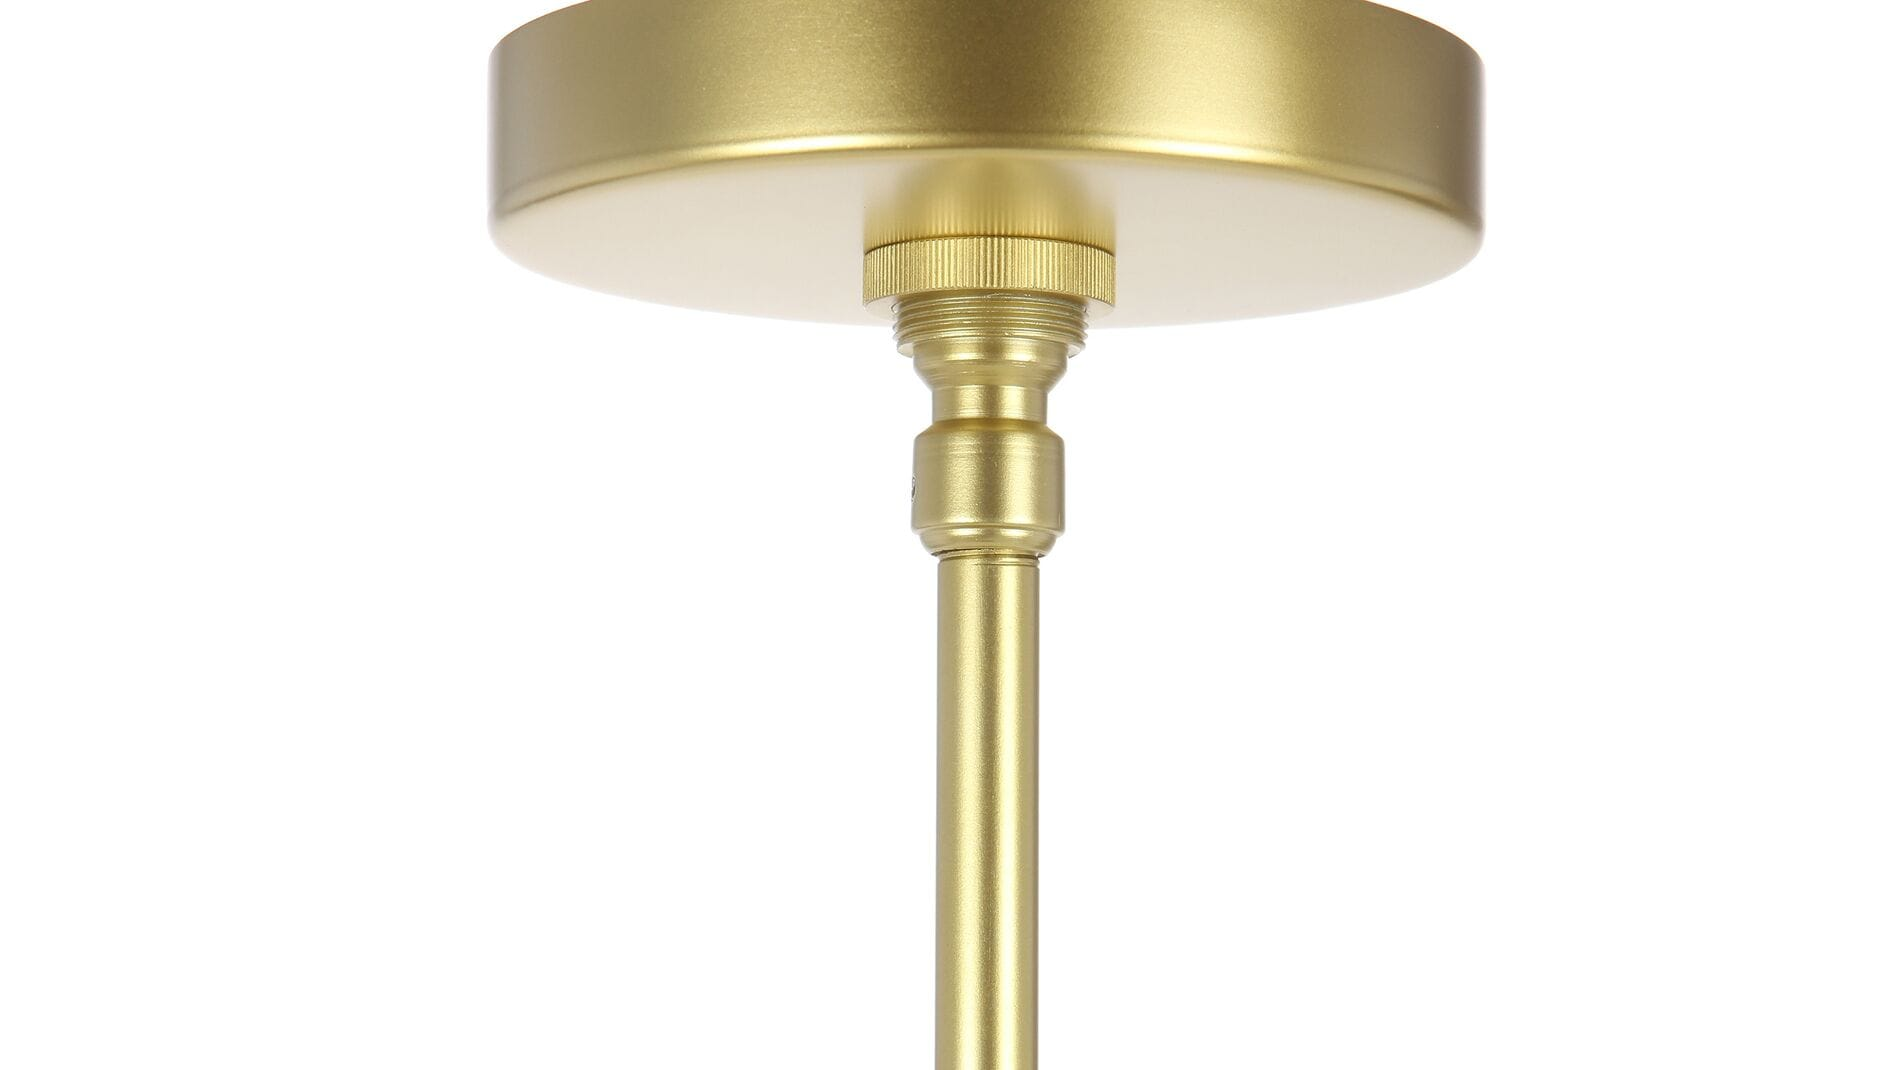 Подвесной светильник Astral Agnes 24 лампы